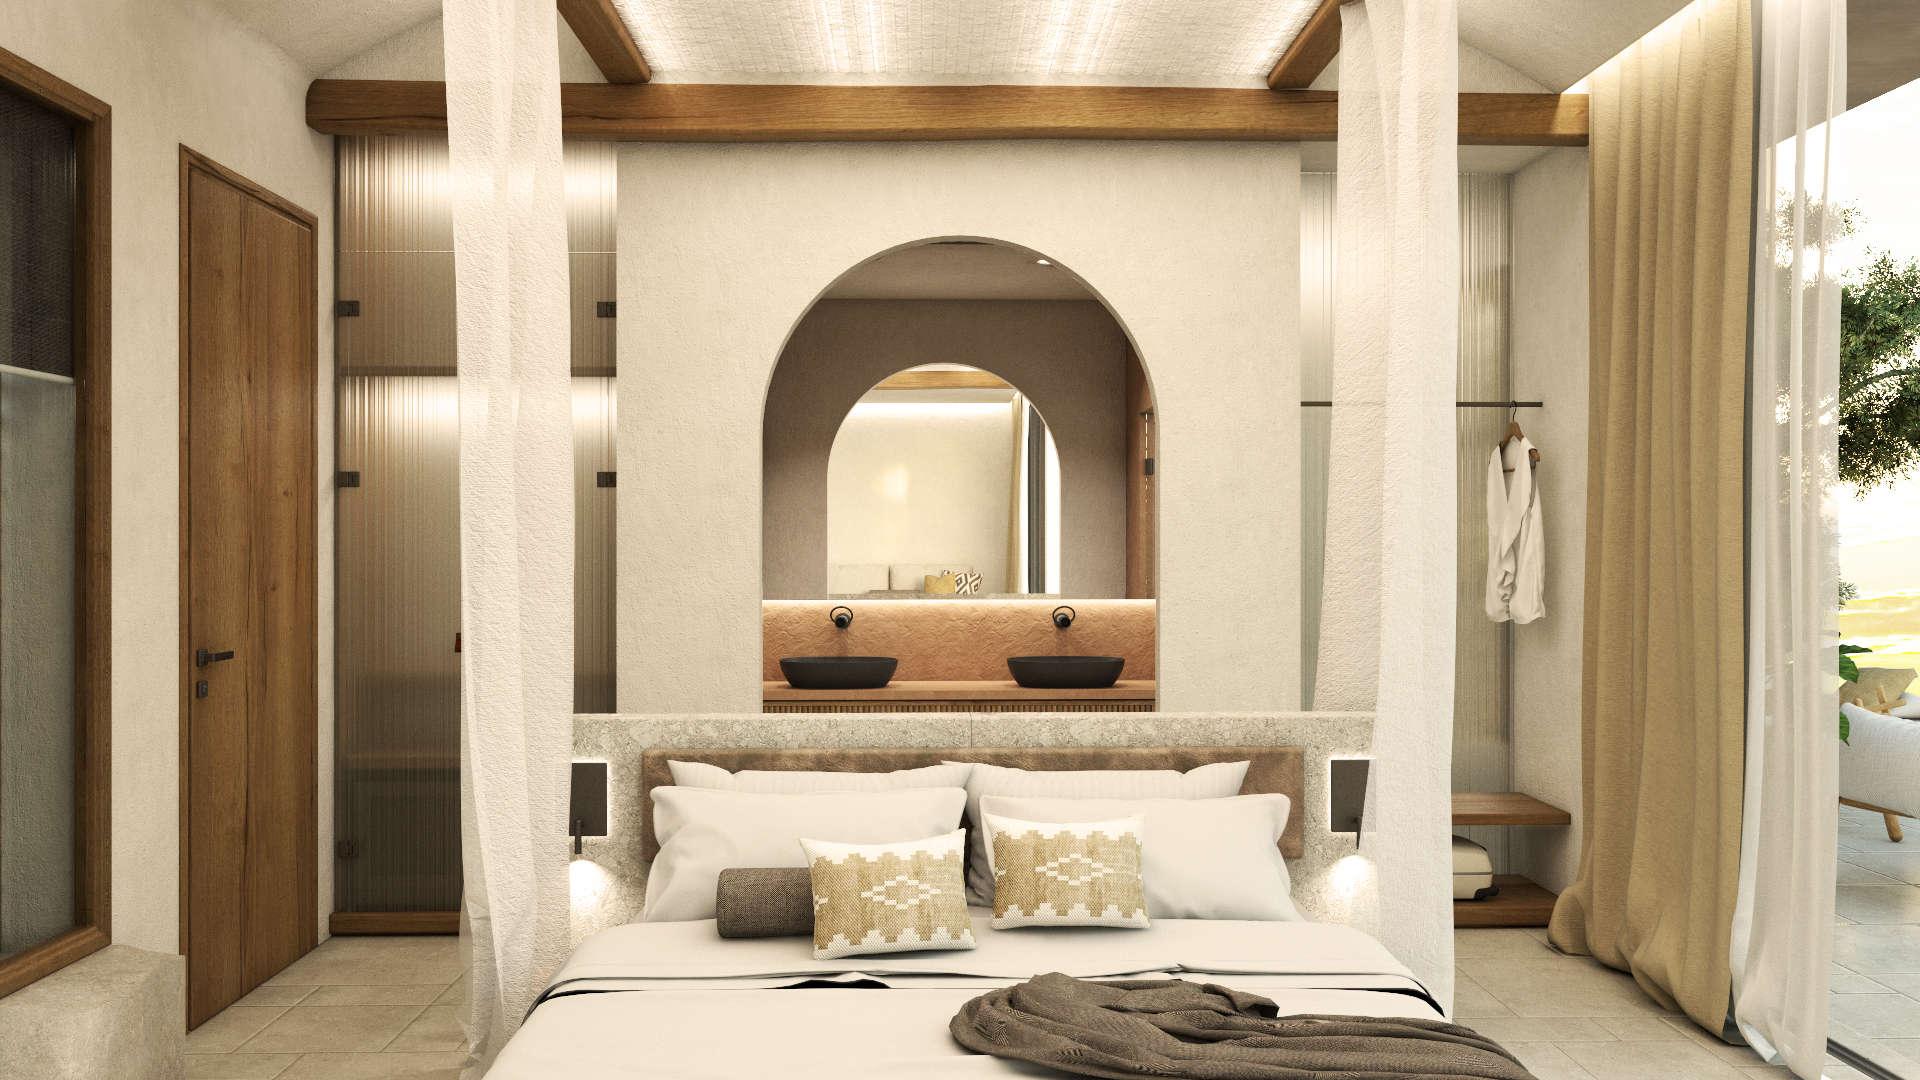 Interior design, Luxury suite, bed and bathroom. Διακόσμηση, Πολυτελής σουίτα. Κρεβάτι και μπάνιο.